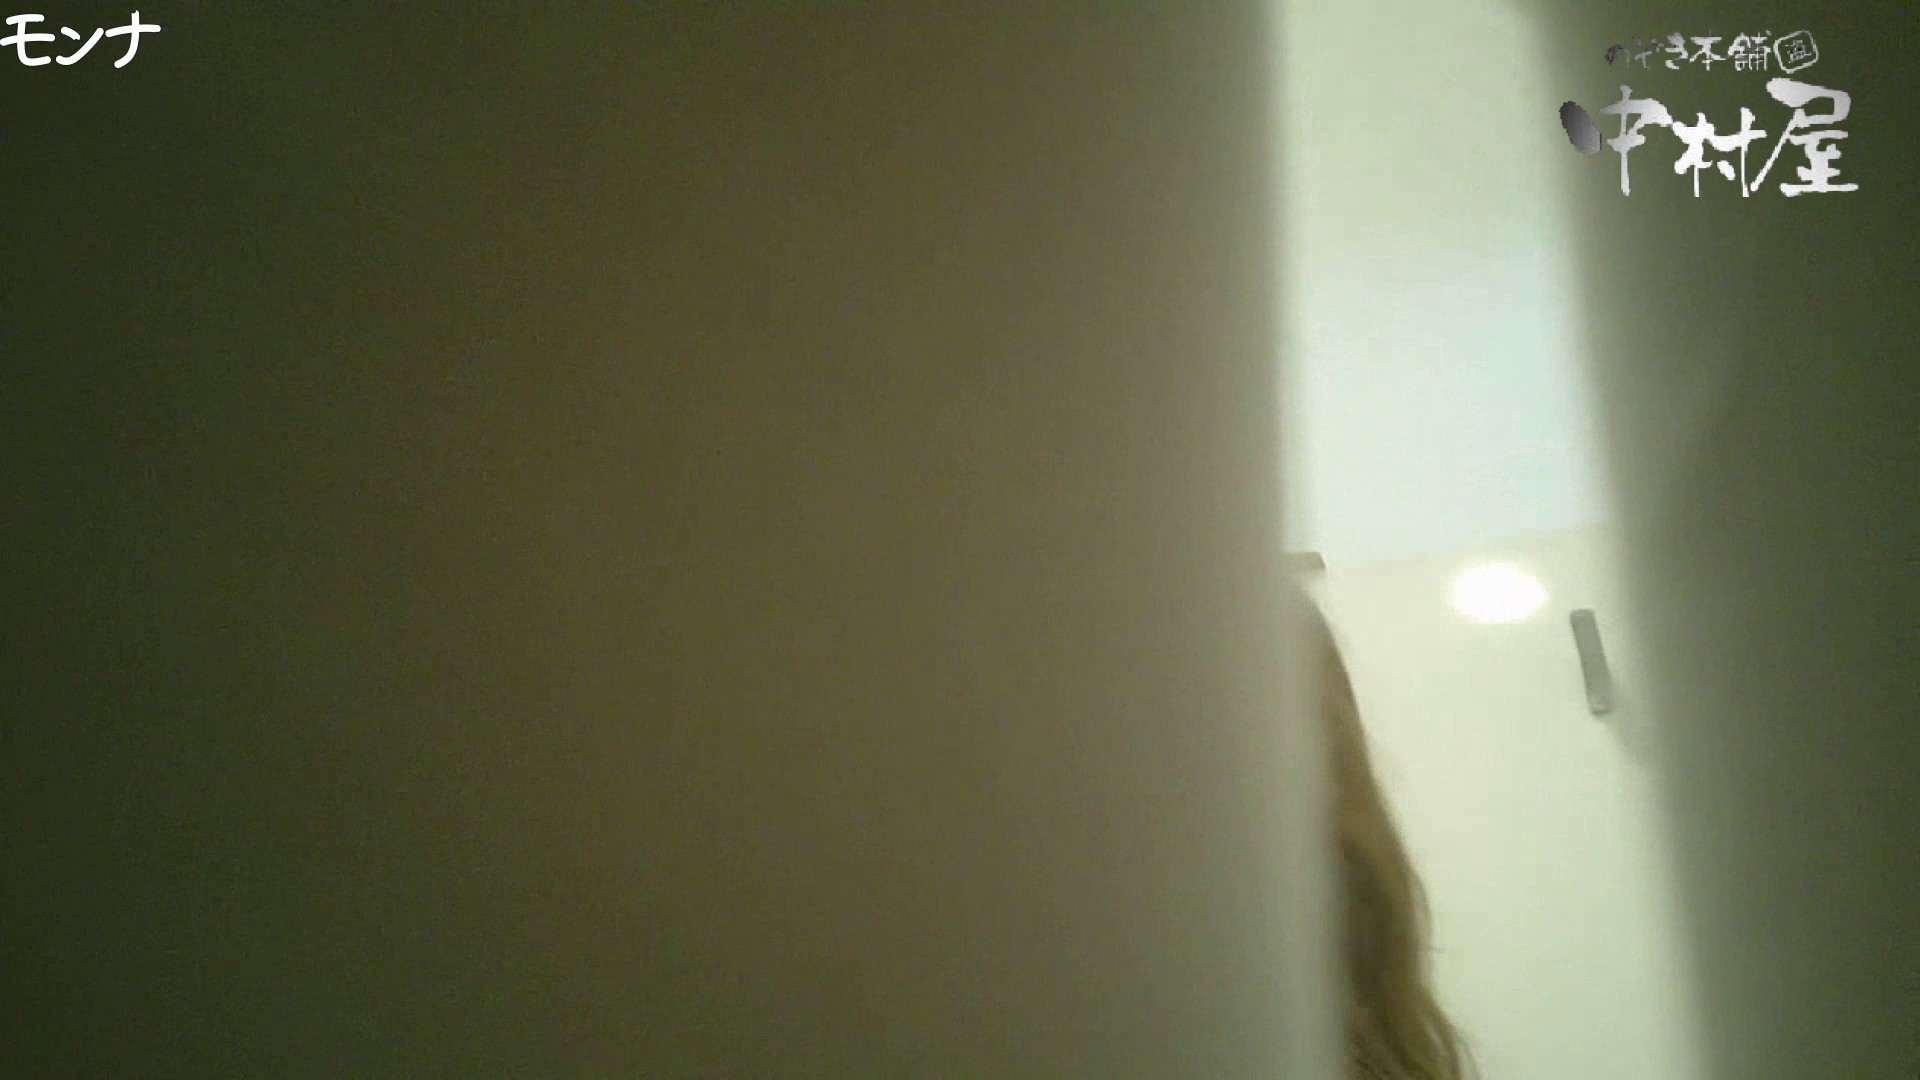 有名大学女性洗面所 vol.65 秘技!!マルチアングル天井撮り!! 和式 | 洗面所  91pic 72